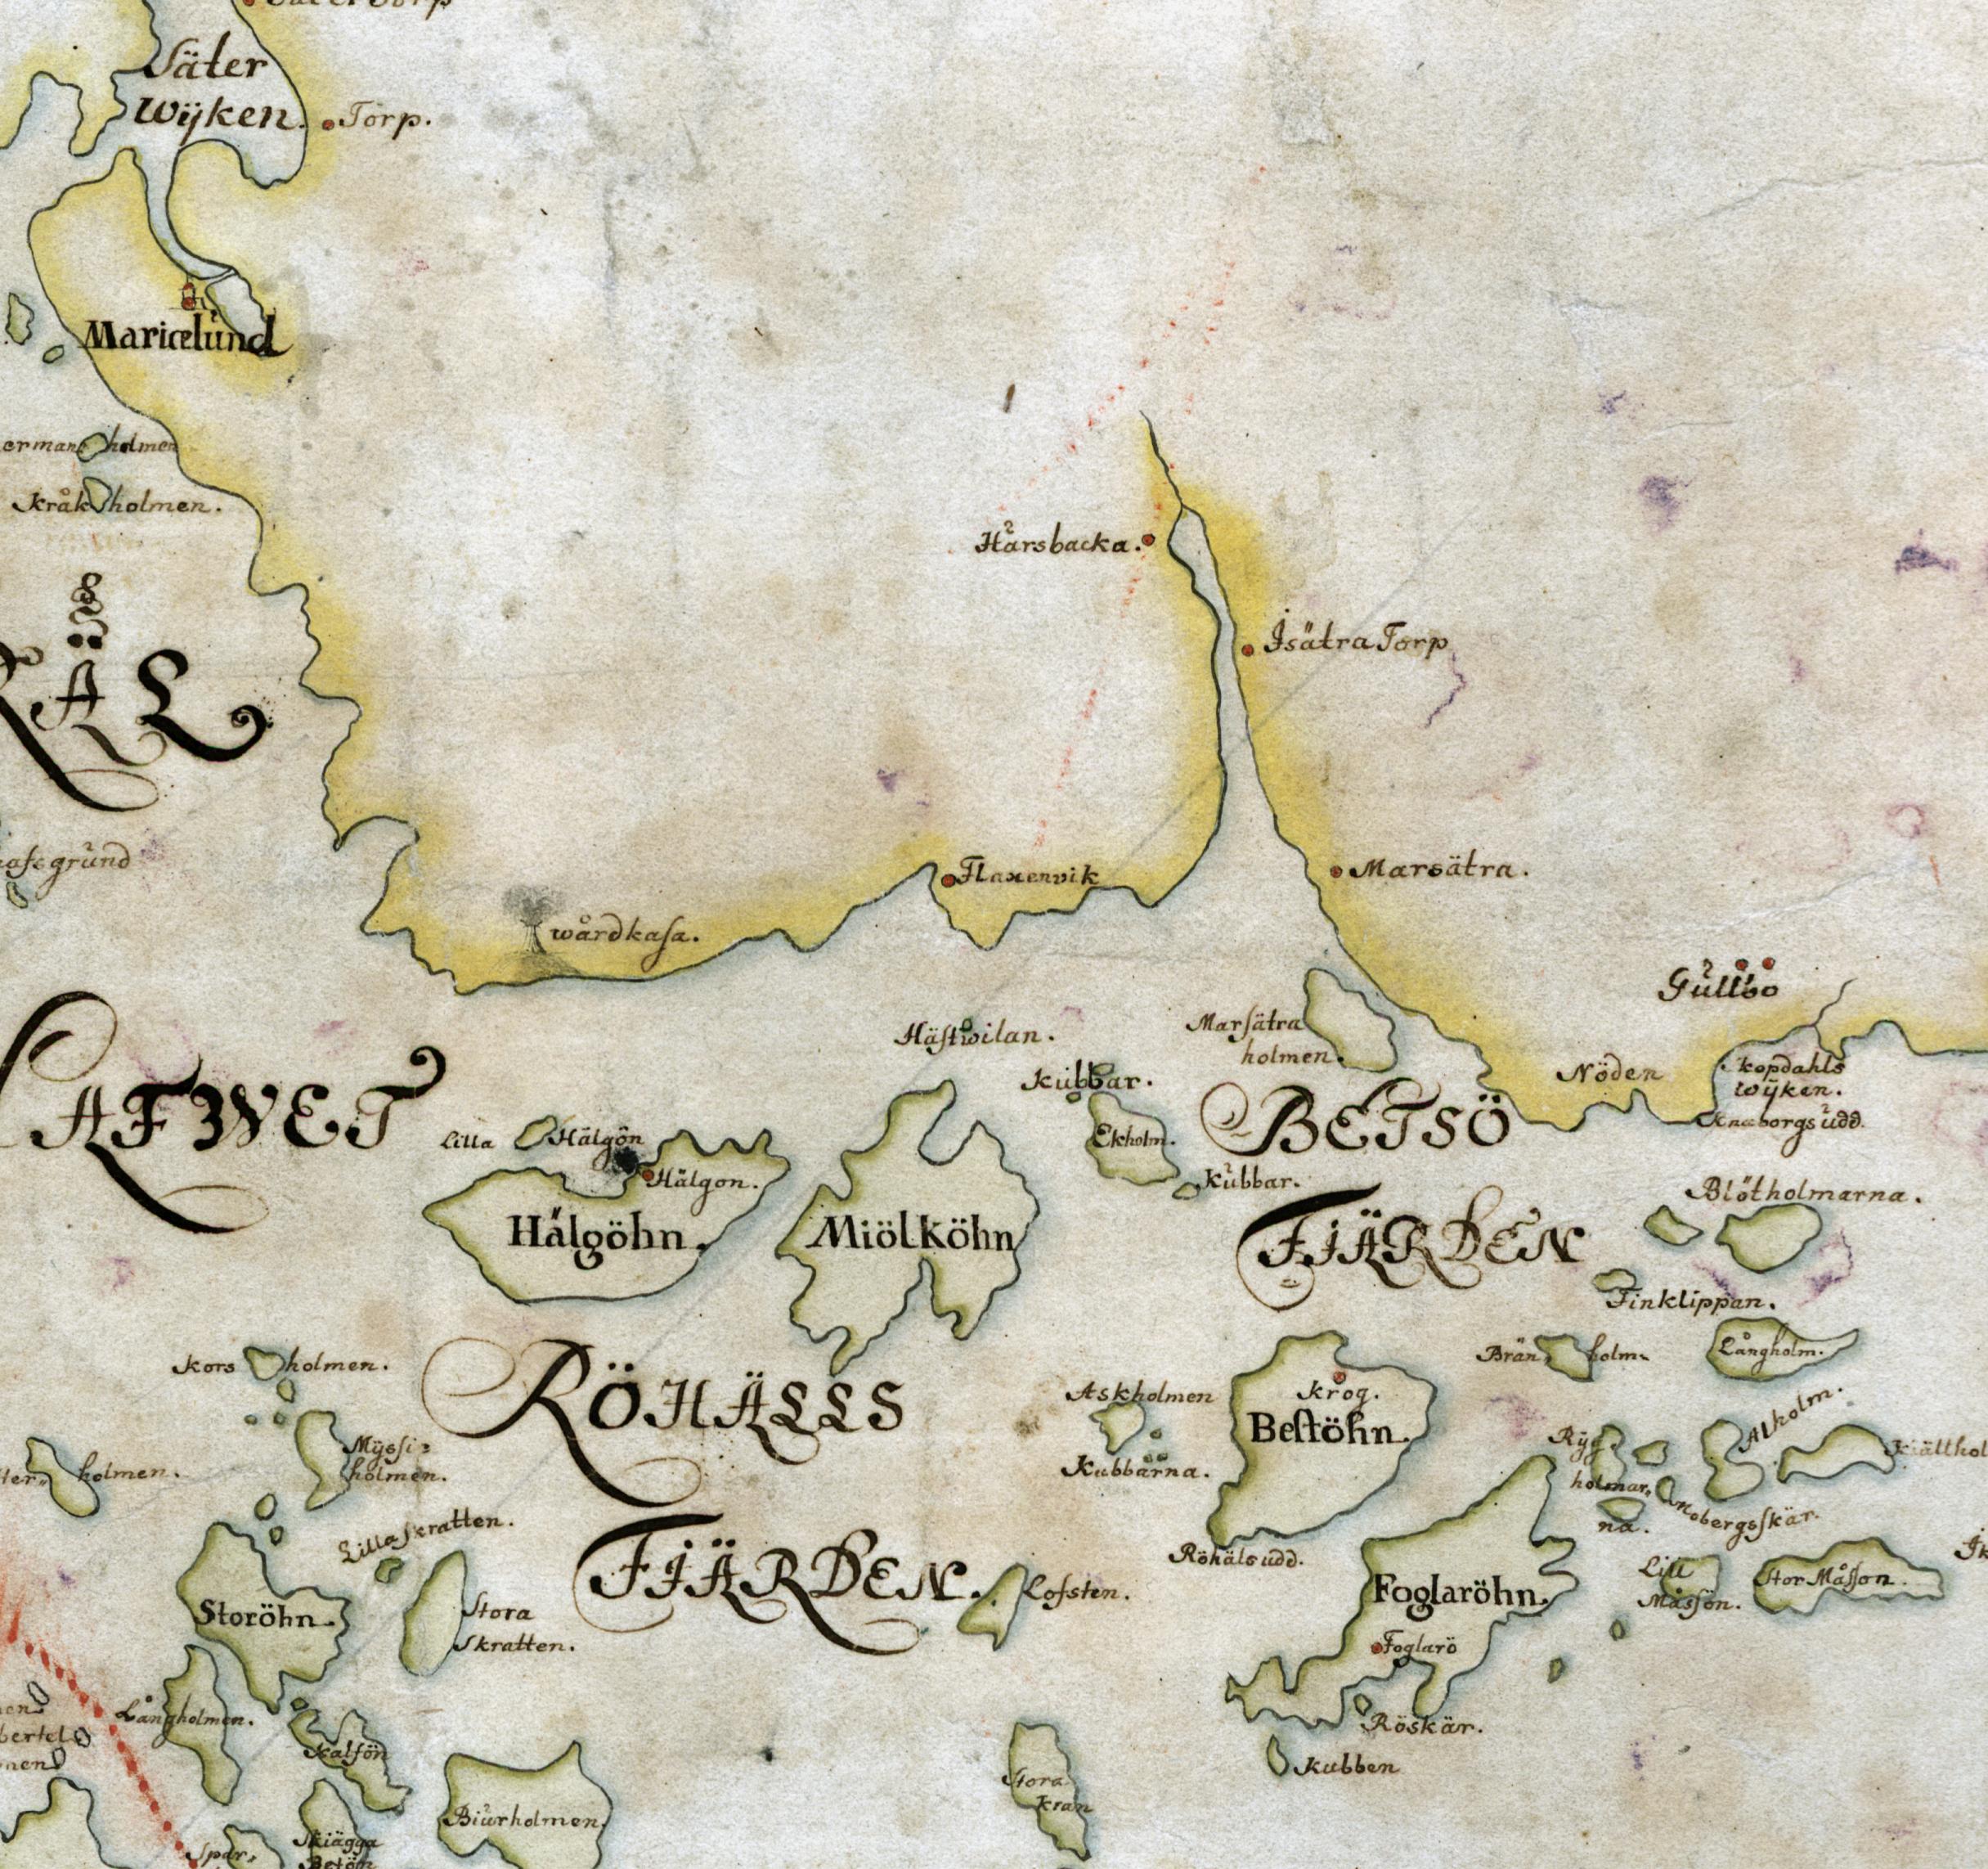 Öarna i Betsöfjärden på Carl Gripenhielms skärgårdskarta från 1690-talet. Väderstrecken är förvridna.